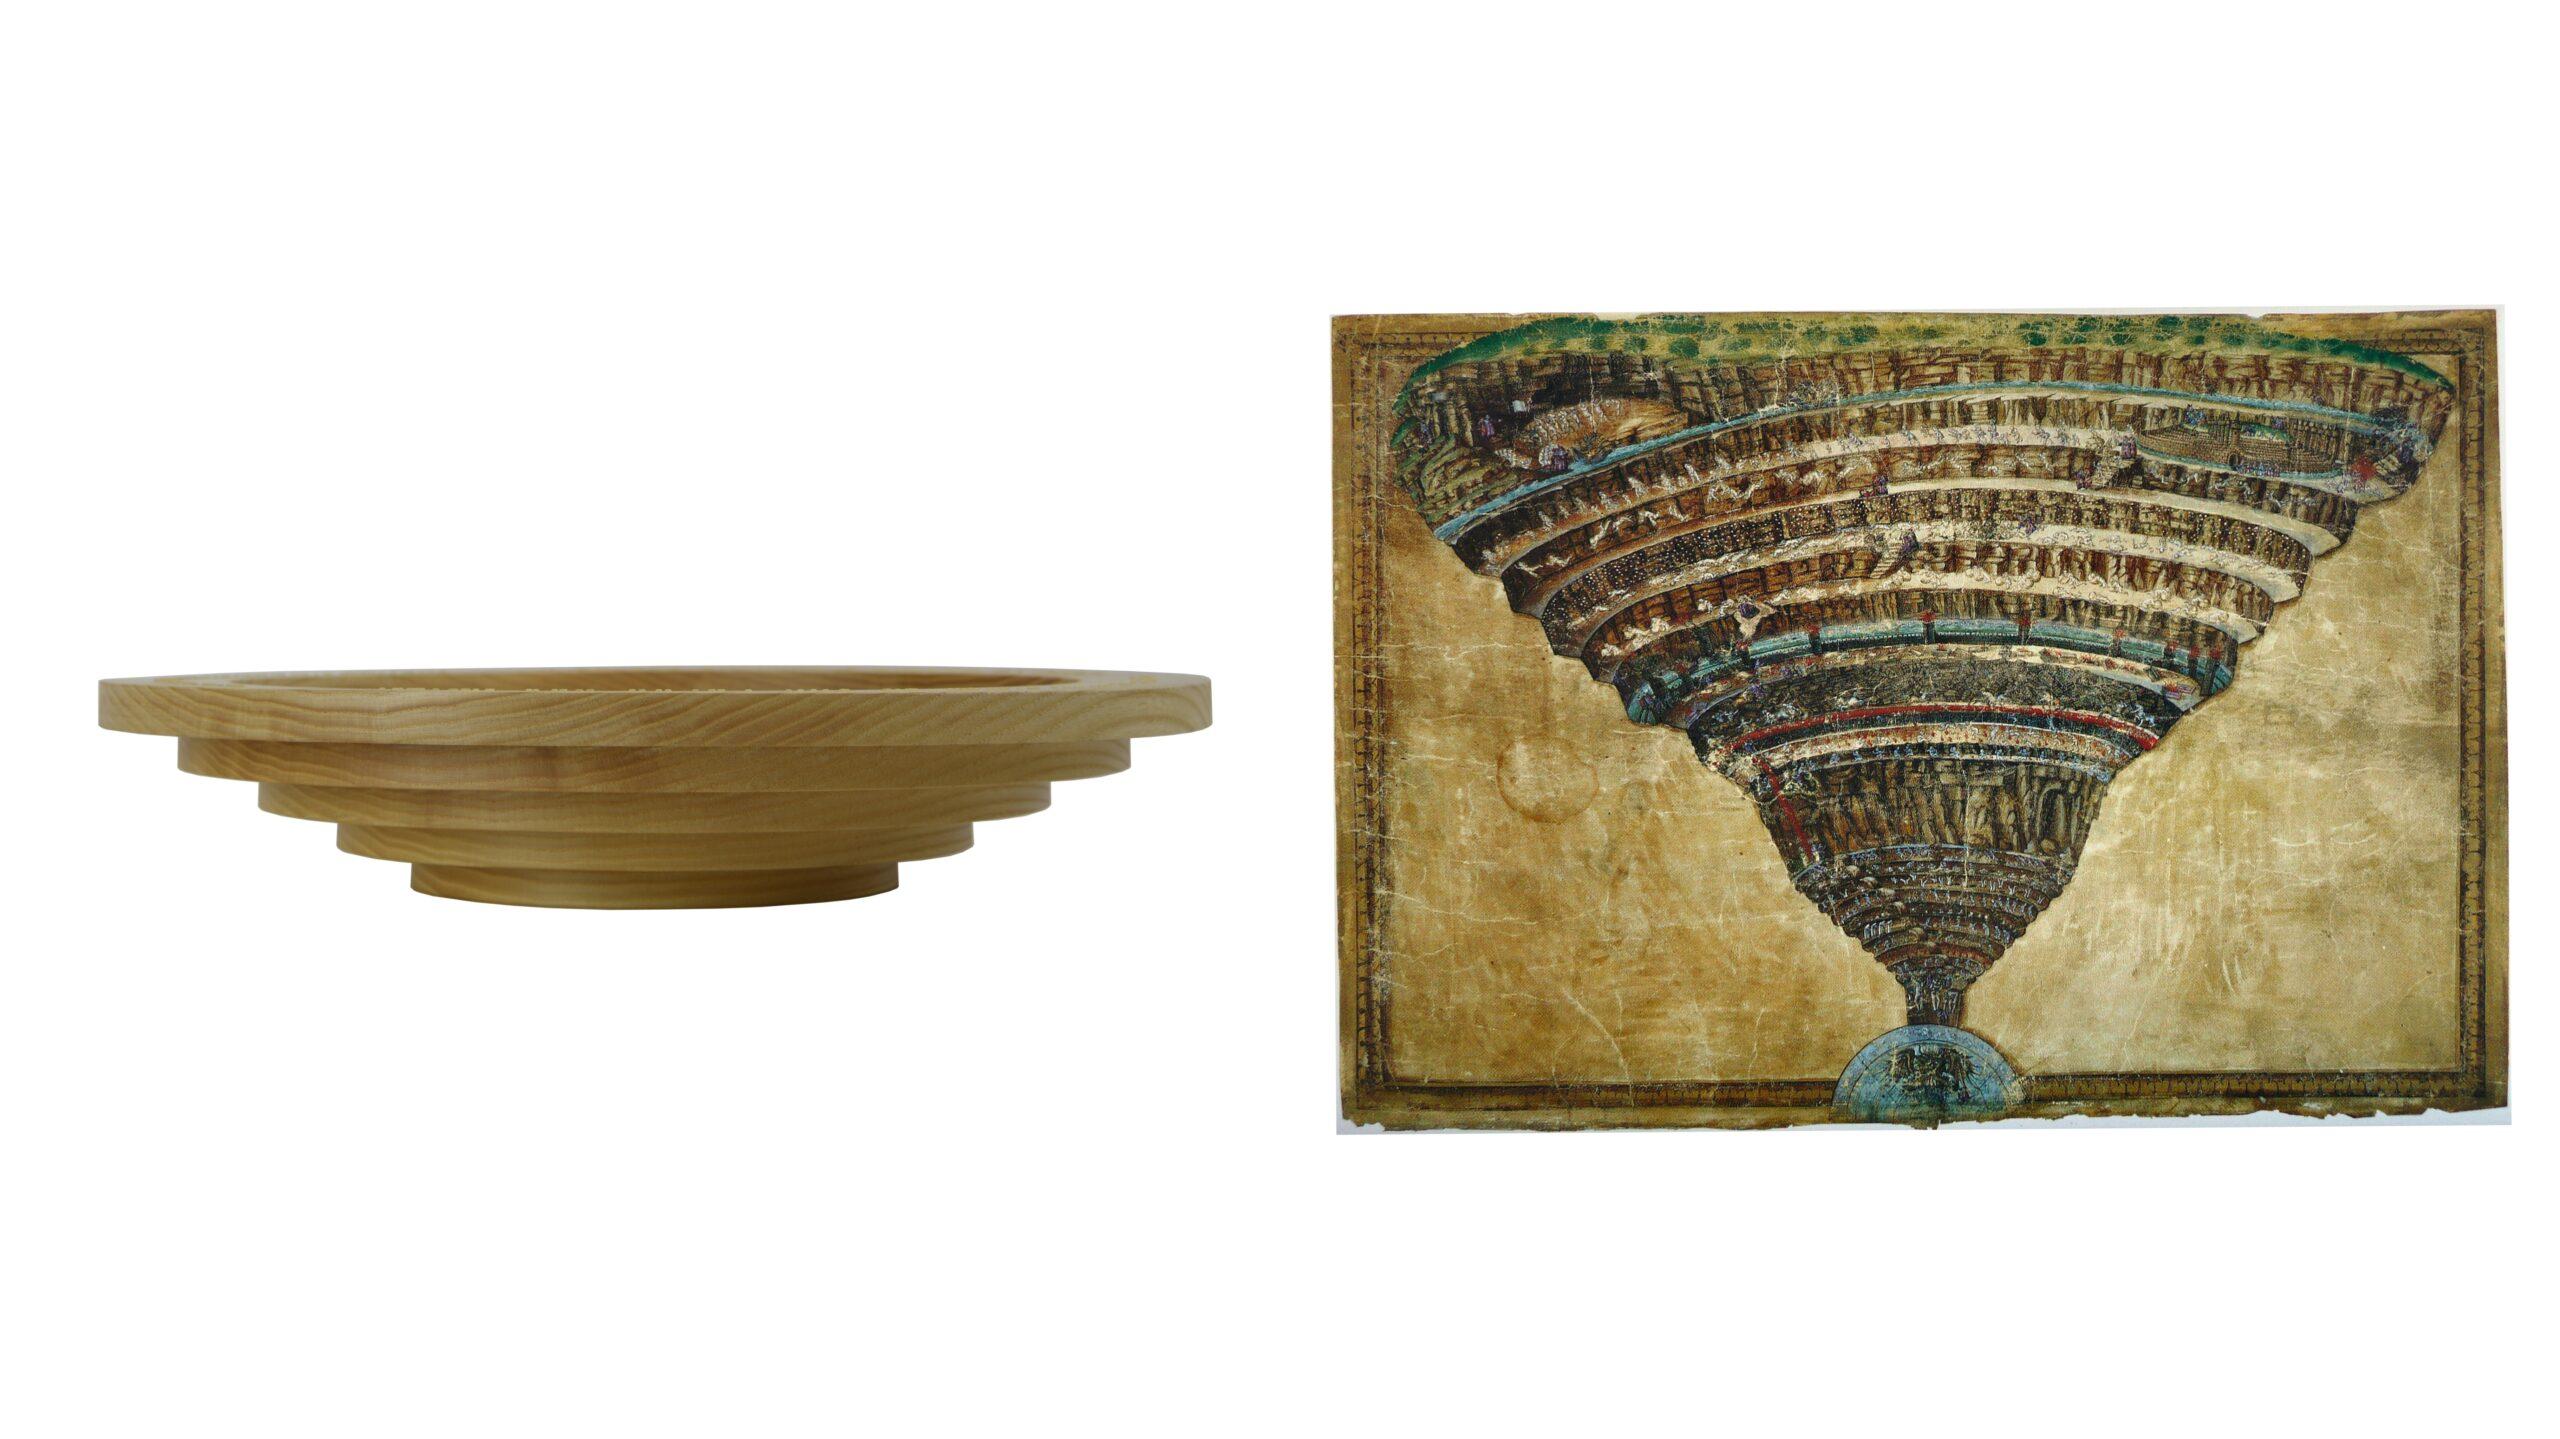 """700 anni fa moriva Dante: l'opera inedita di Fulvio Morella """"Batea"""" lo celebra raccontando la speranza ai tempi della Pandemia"""